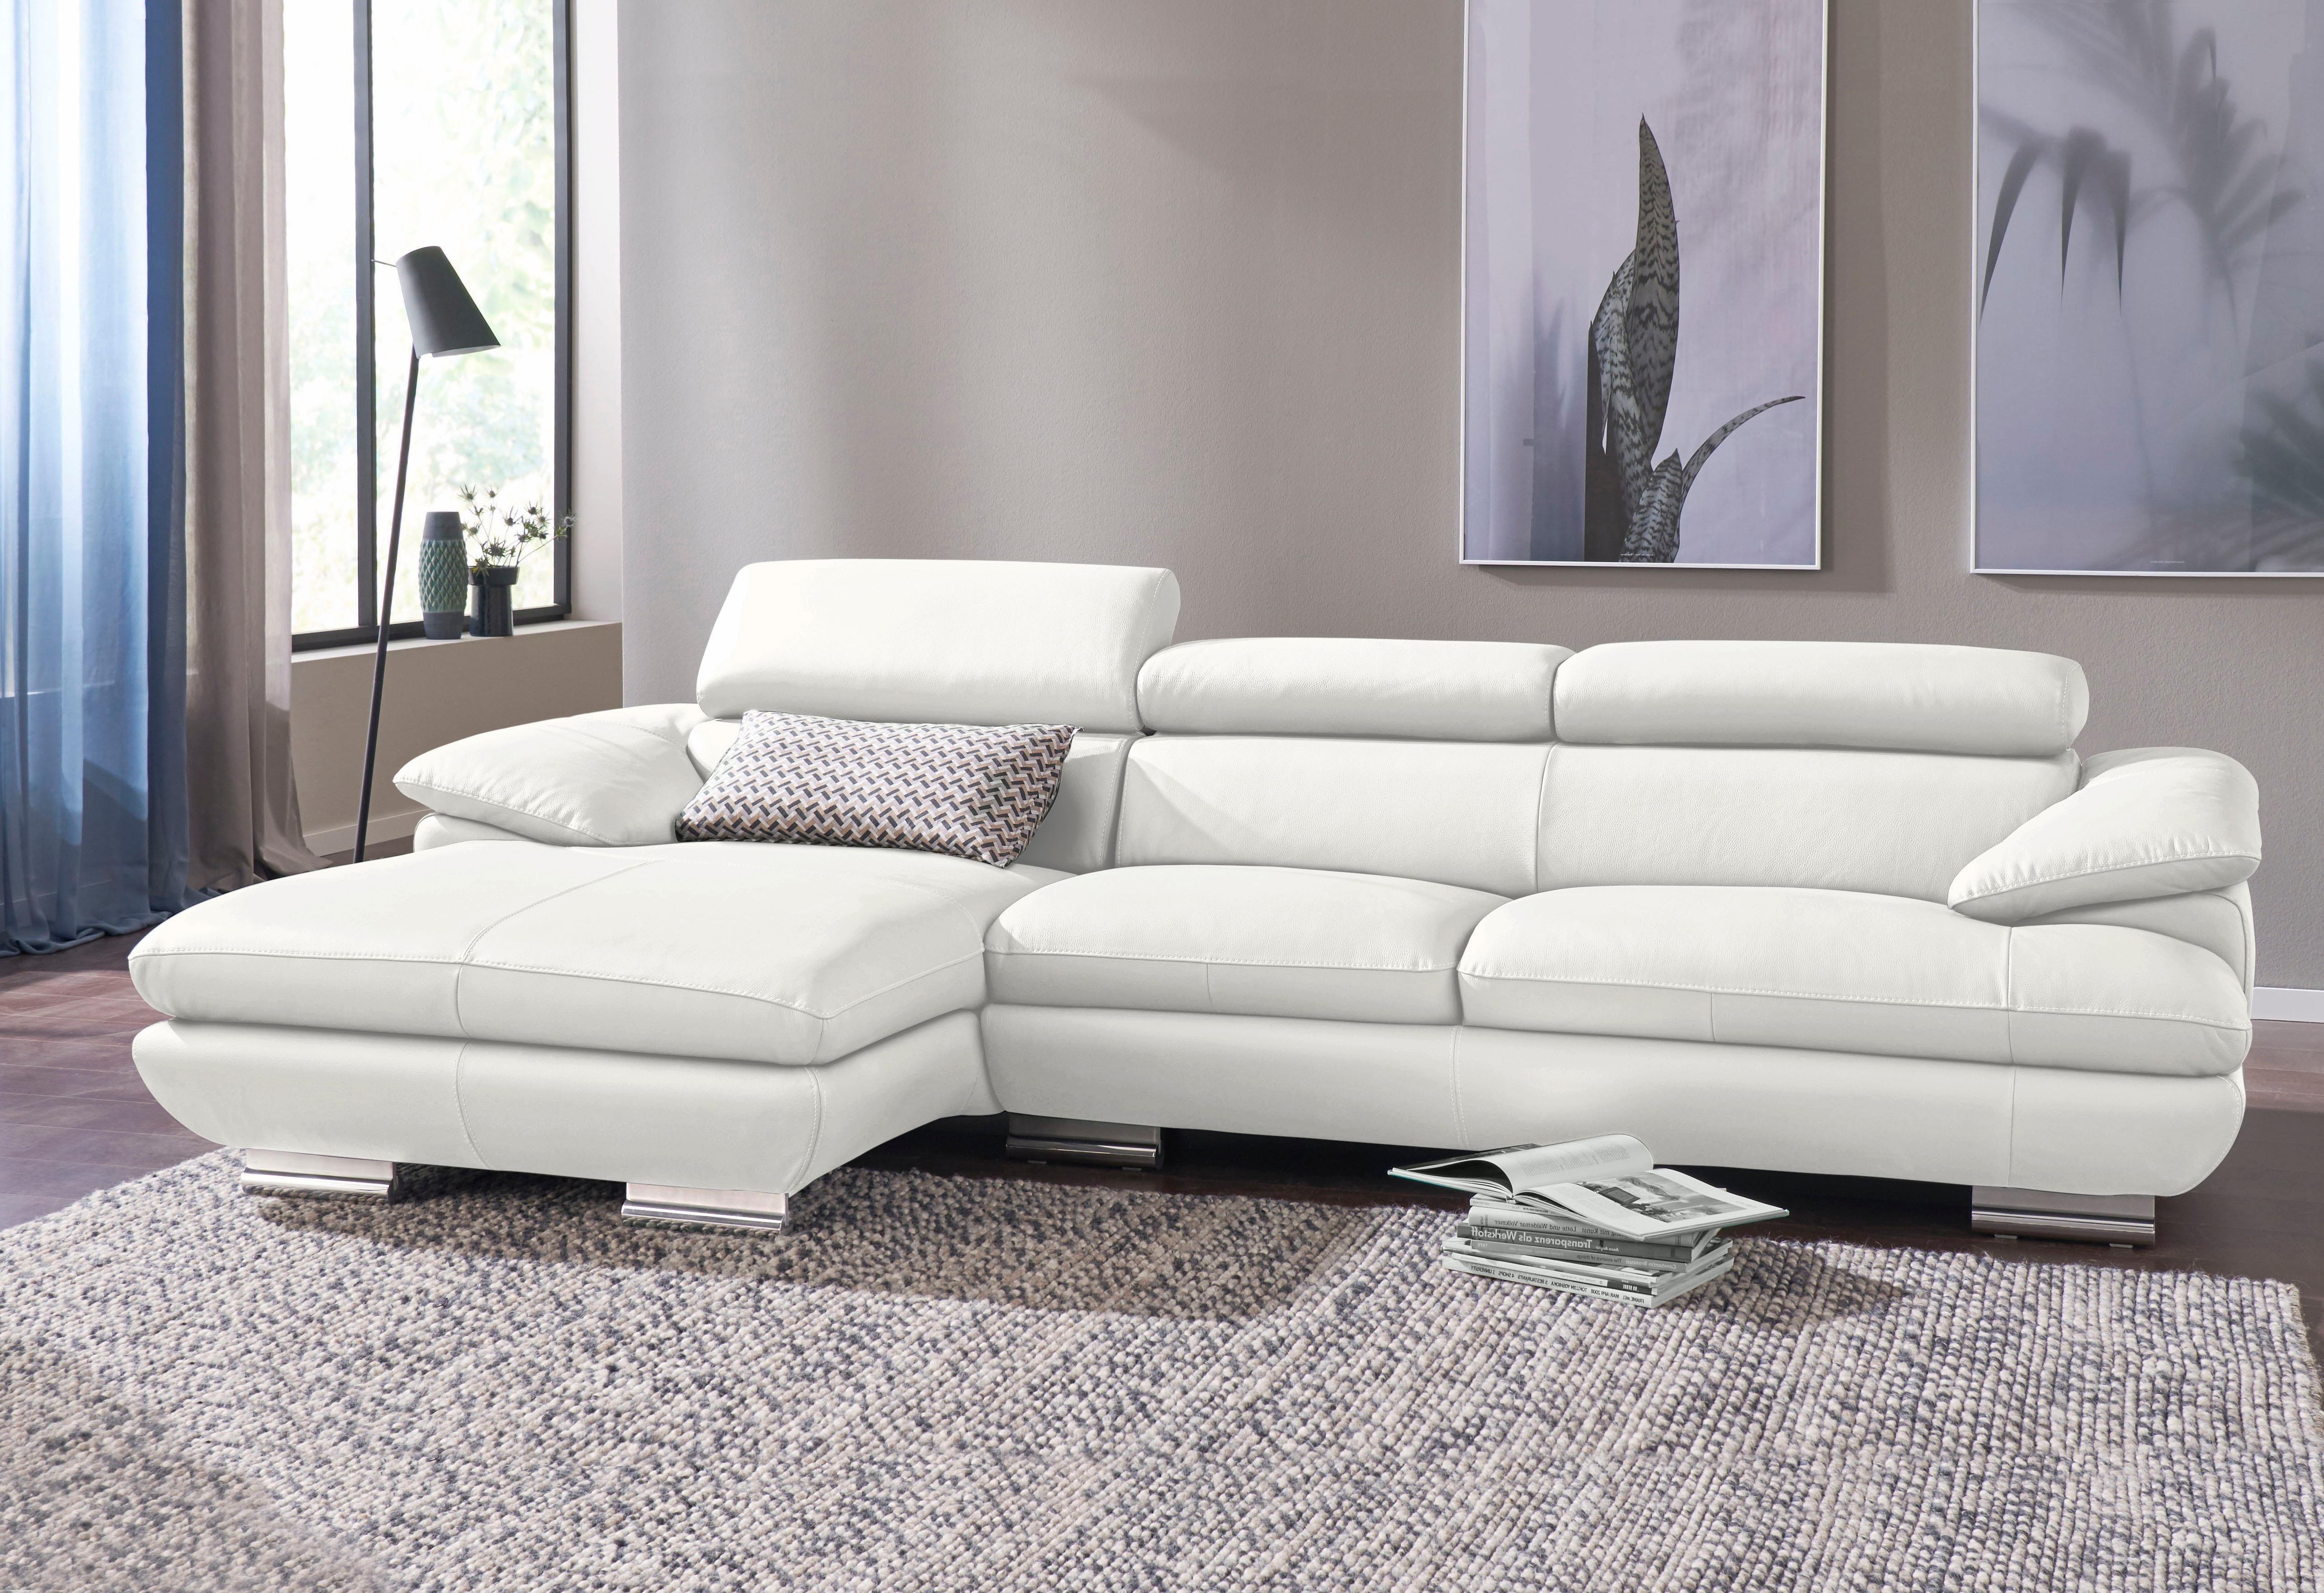 Wohnzimmer » Sofas & Couches online kaufen | Möbel-Suchmaschine ...